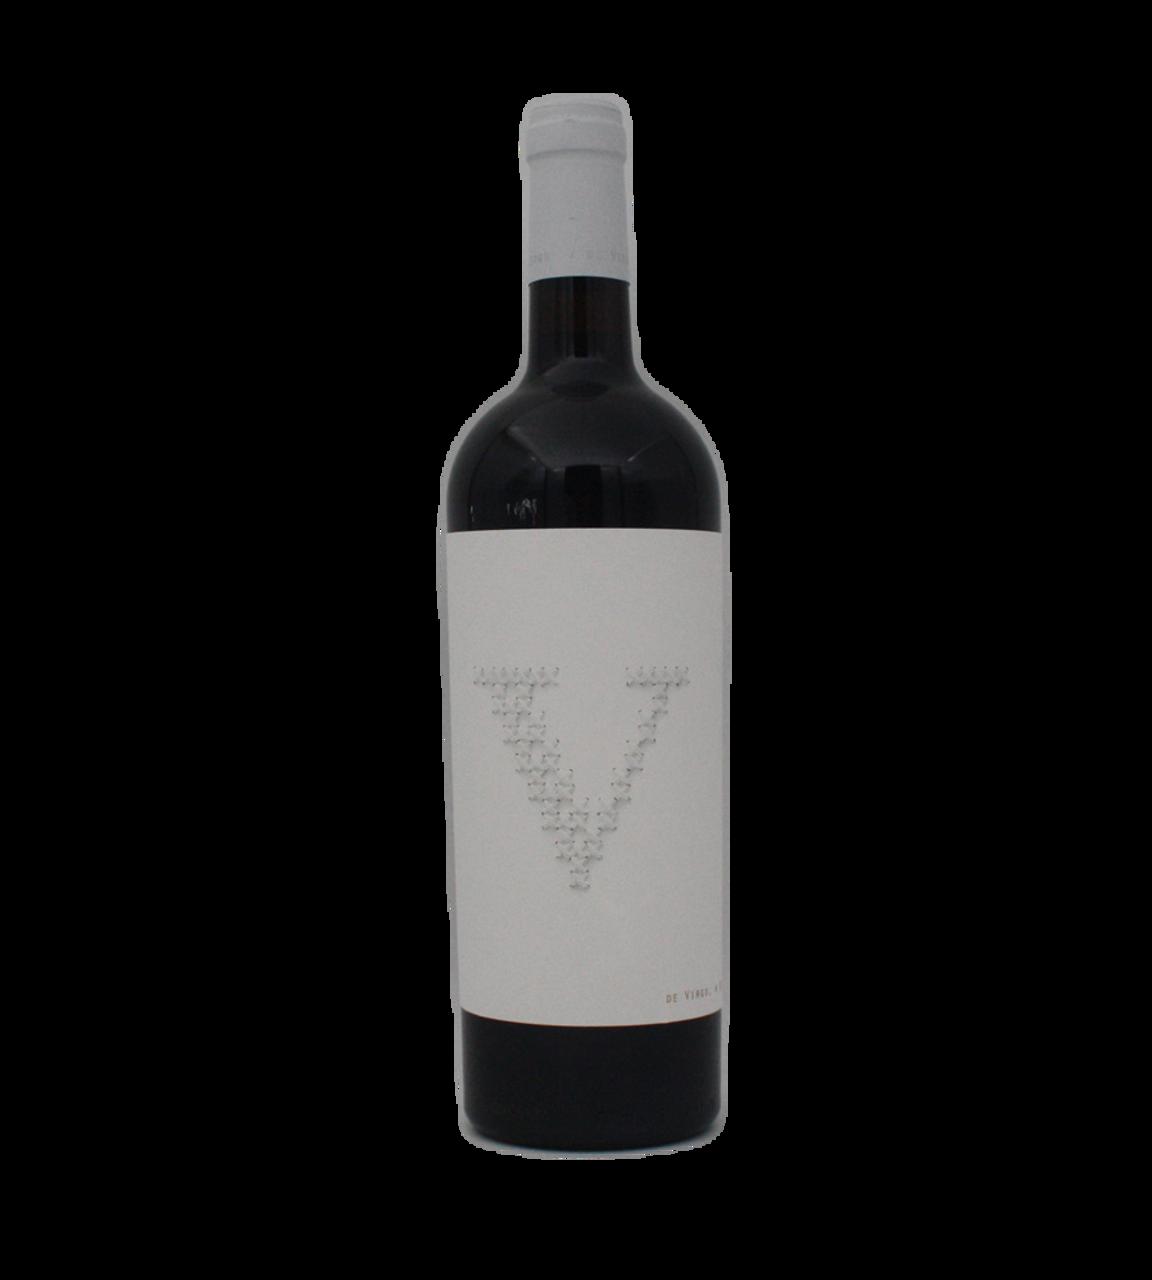 Picture of V de Virgo - A Essência Red 2017